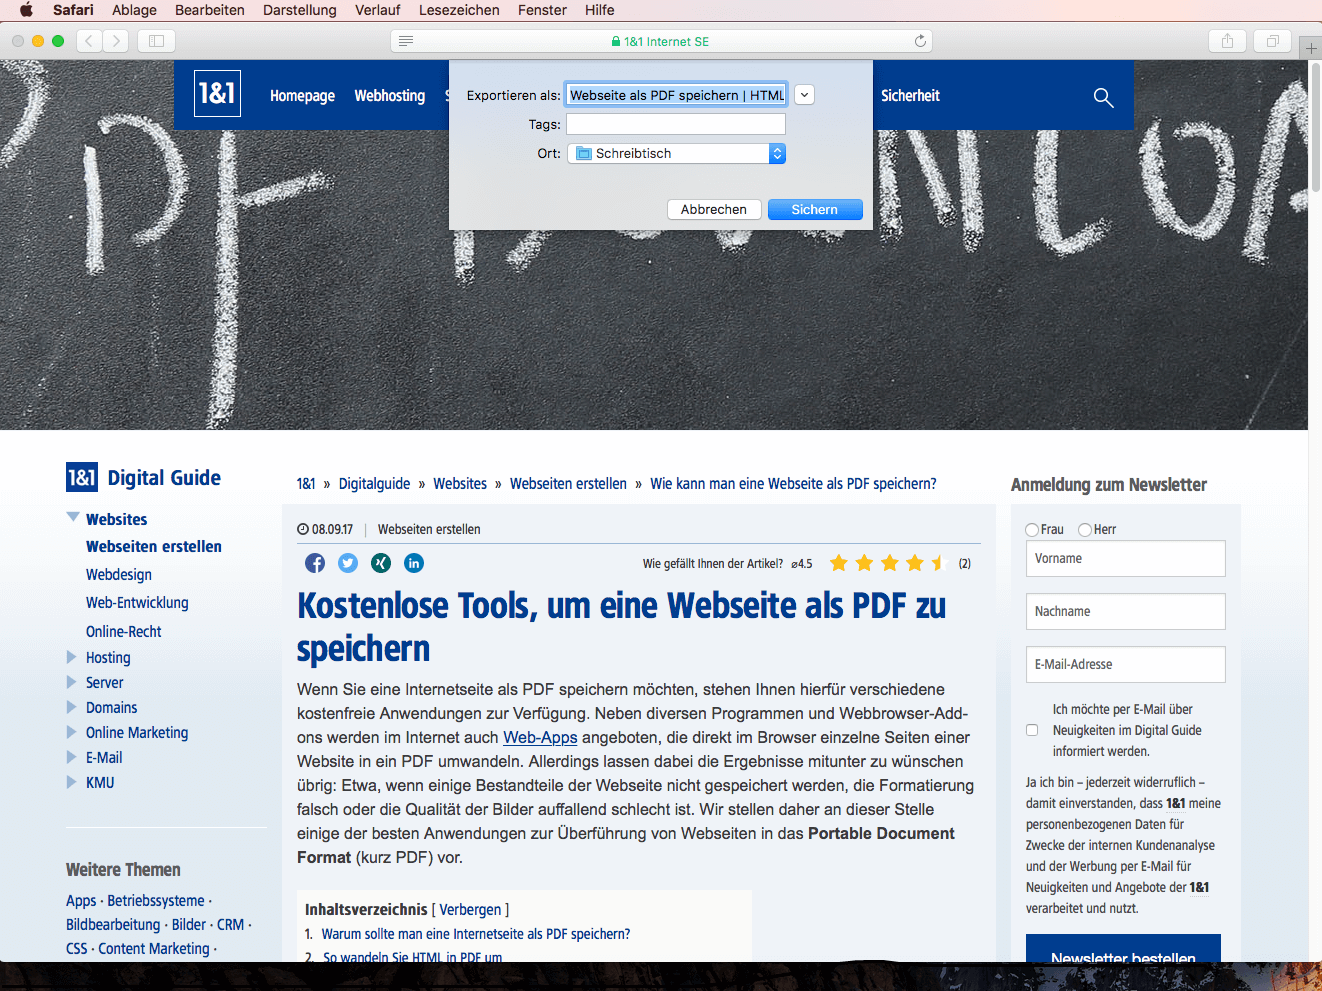 Webseite als PDF speichern | HTML-Seite in ein PDF umwandeln - 1&1